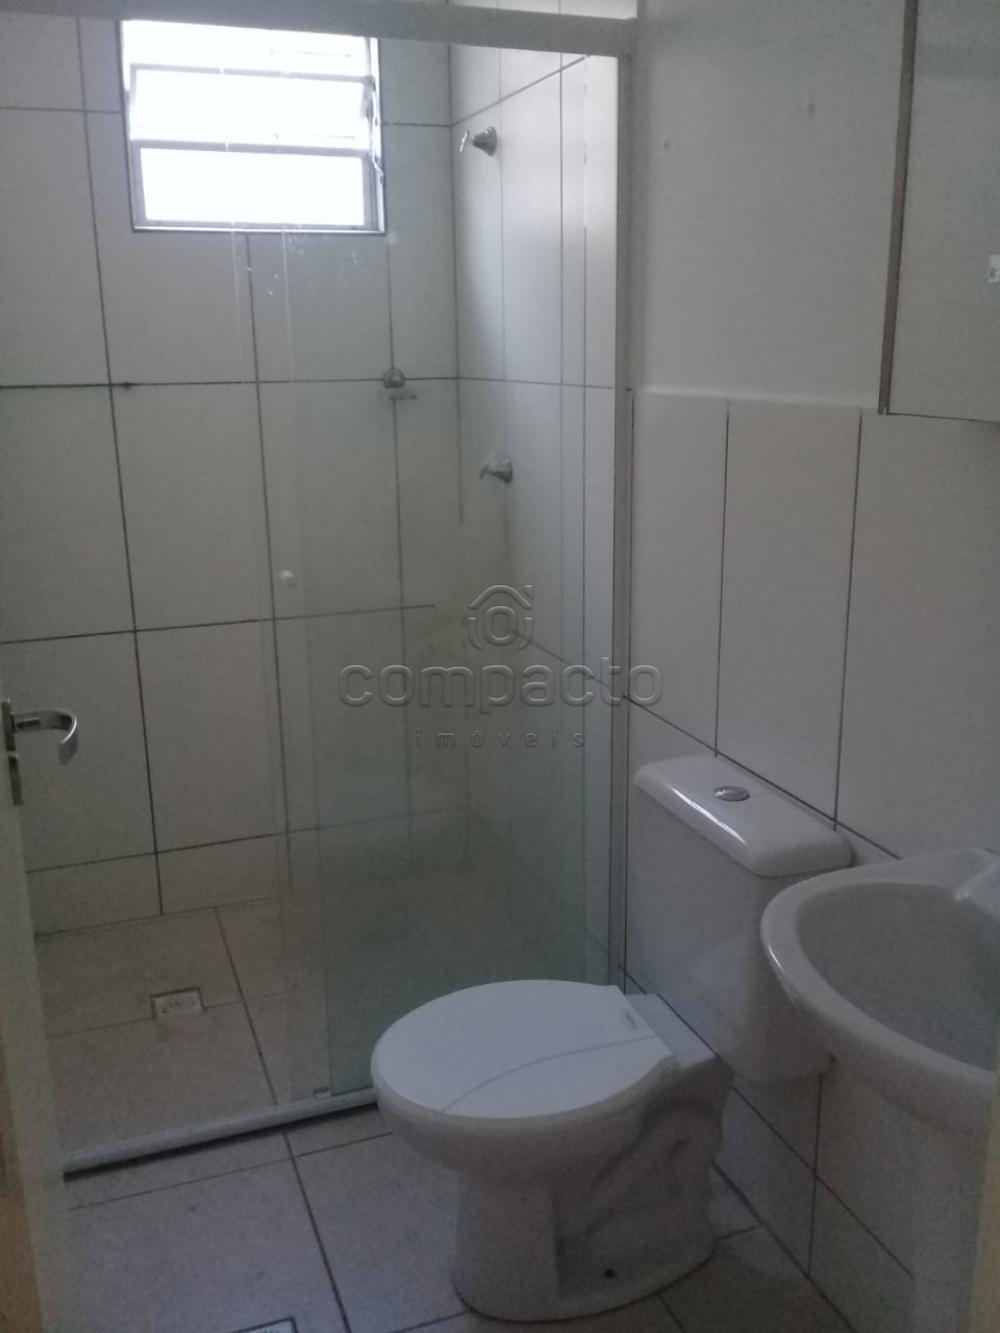 Alugar Apartamento / Padrão em São José do Rio Preto apenas R$ 650,00 - Foto 10